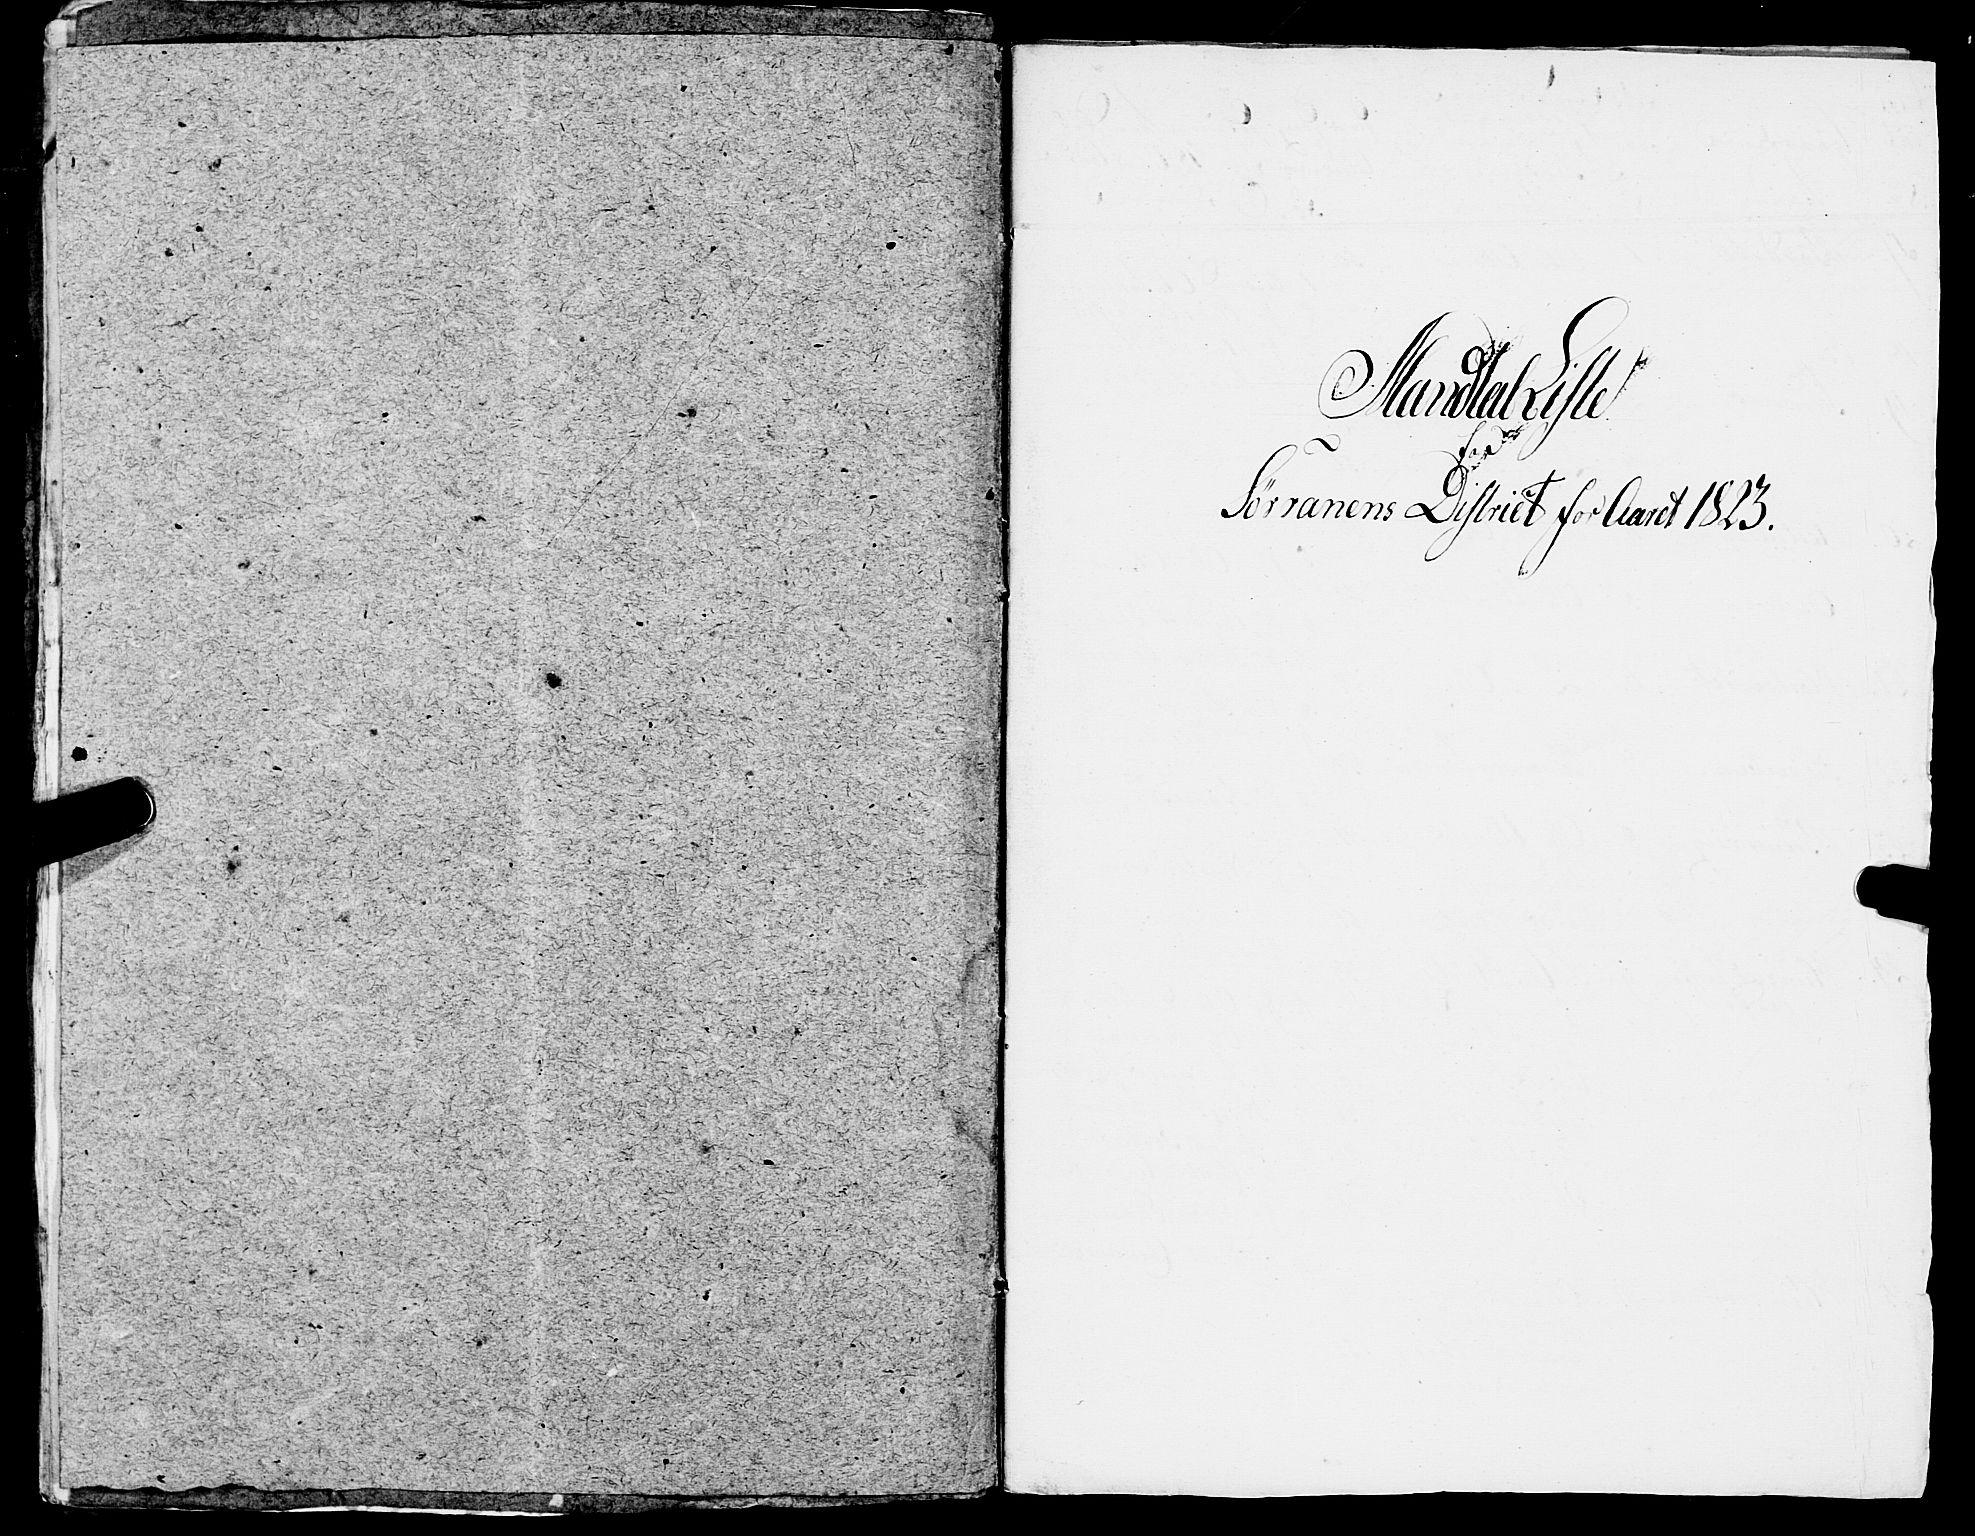 SAT, Fylkesmannen i Nordland, R/RA/L0013: Innrulleringsmanntall for Hemnes (Sør-Rana), 1809-1835, s. 152